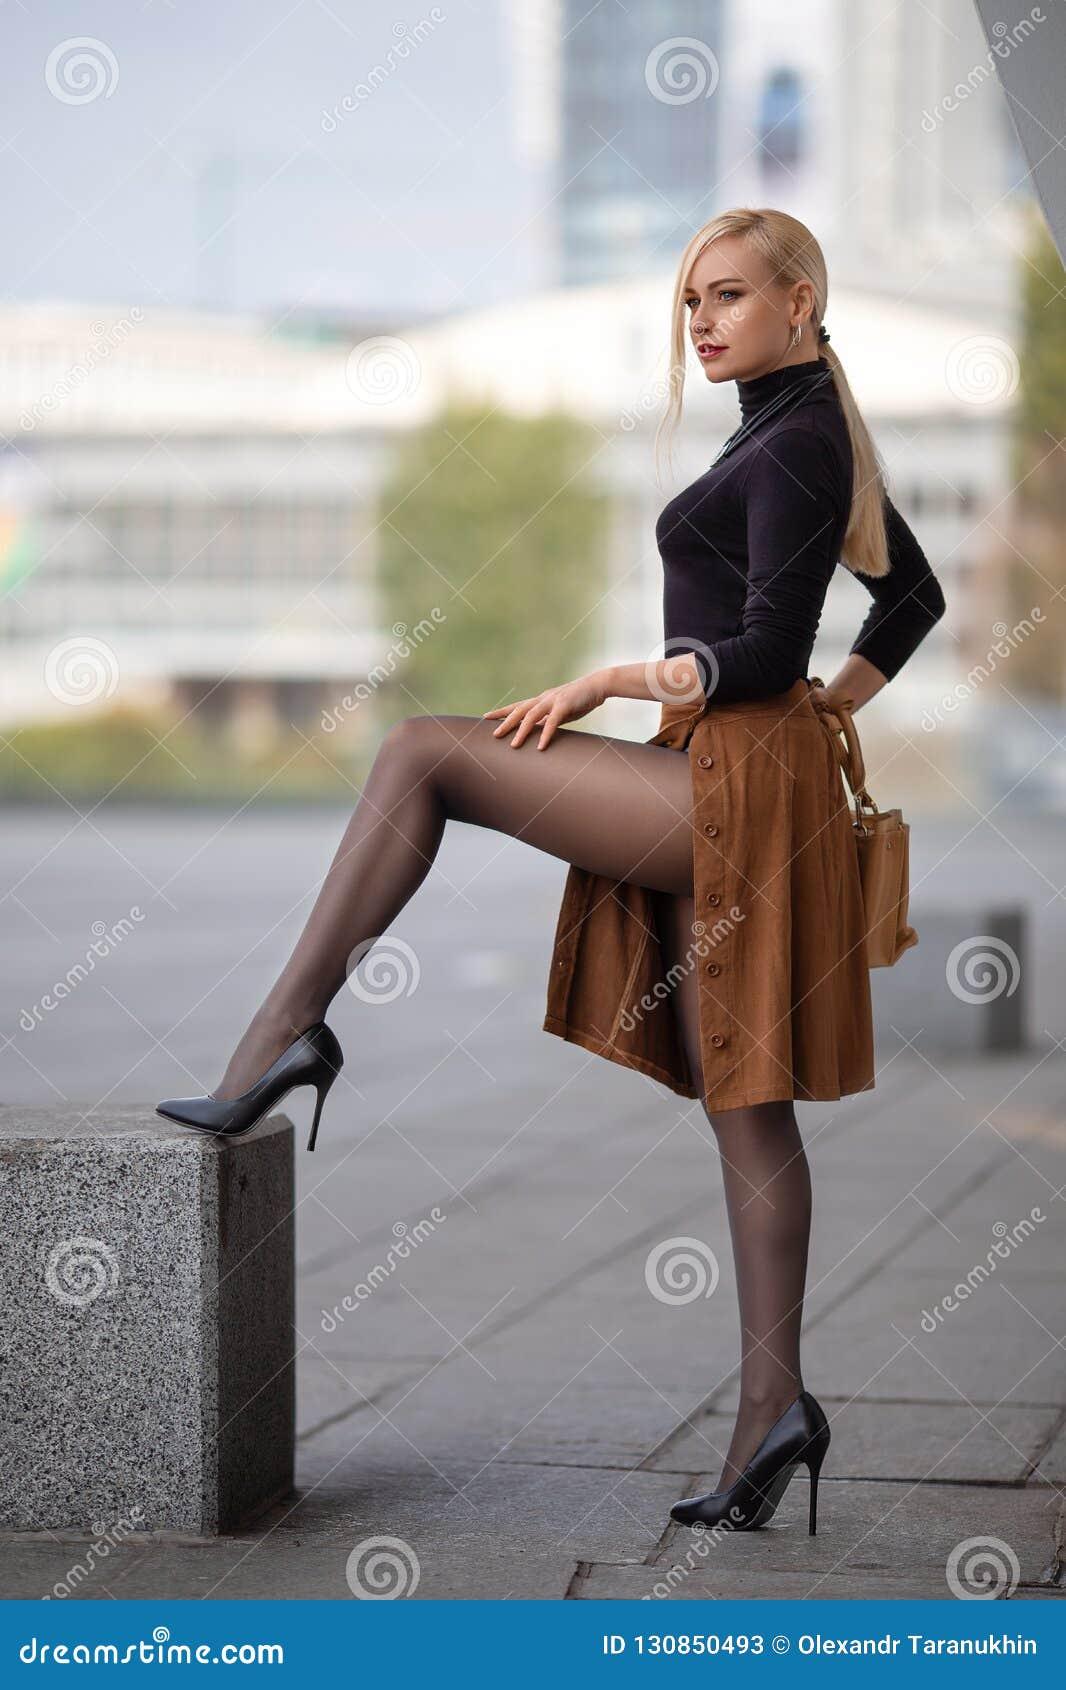 Андерсон, картинка девушка колготках